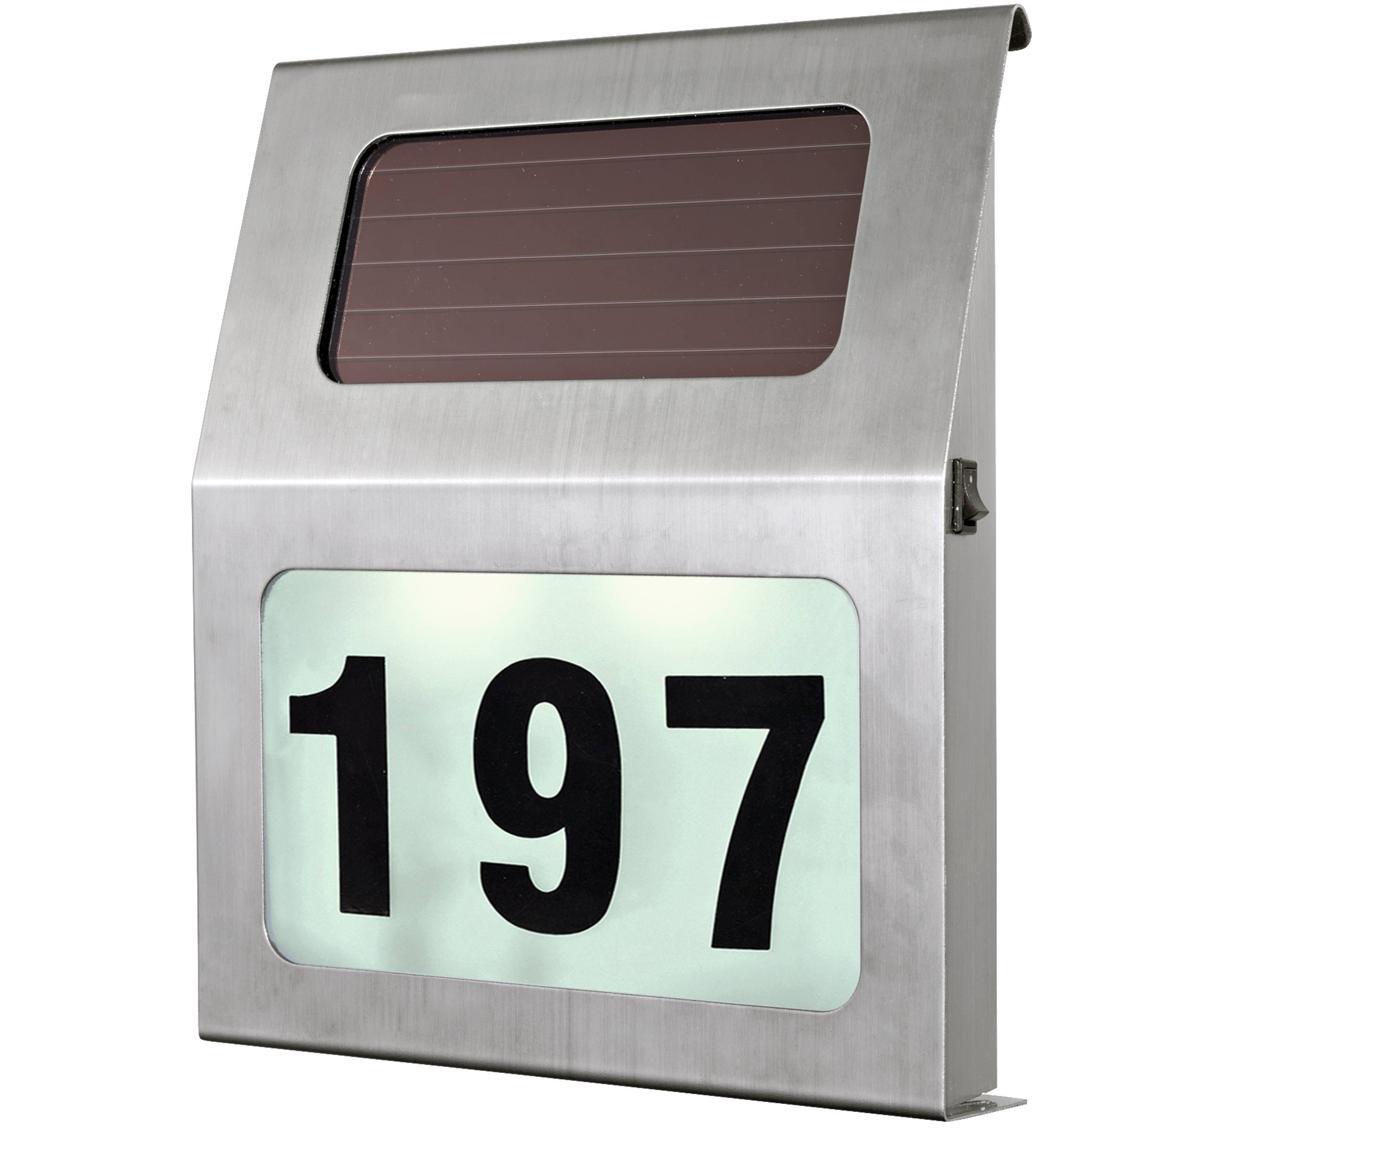 Applique da esterno numero civico a LED Zingy, Acciaio inossidabile, materiale sintetico, Acciaio inossidabile, Larg. 30 x Alt. 30 cm